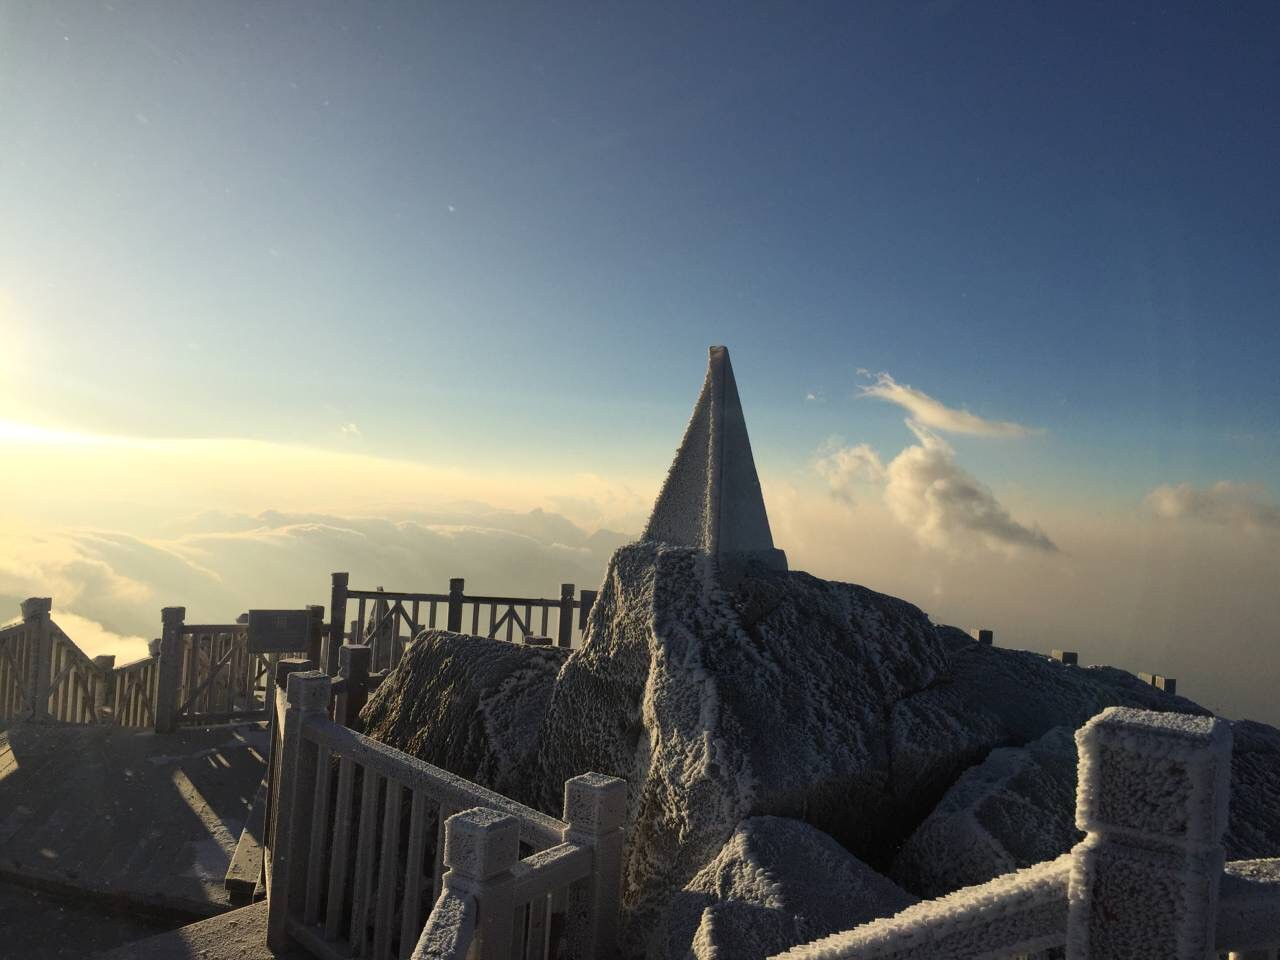 băng tuyết tại đỉnh fansipan, khung cảnh phủ đầy tuyết ở fansipan